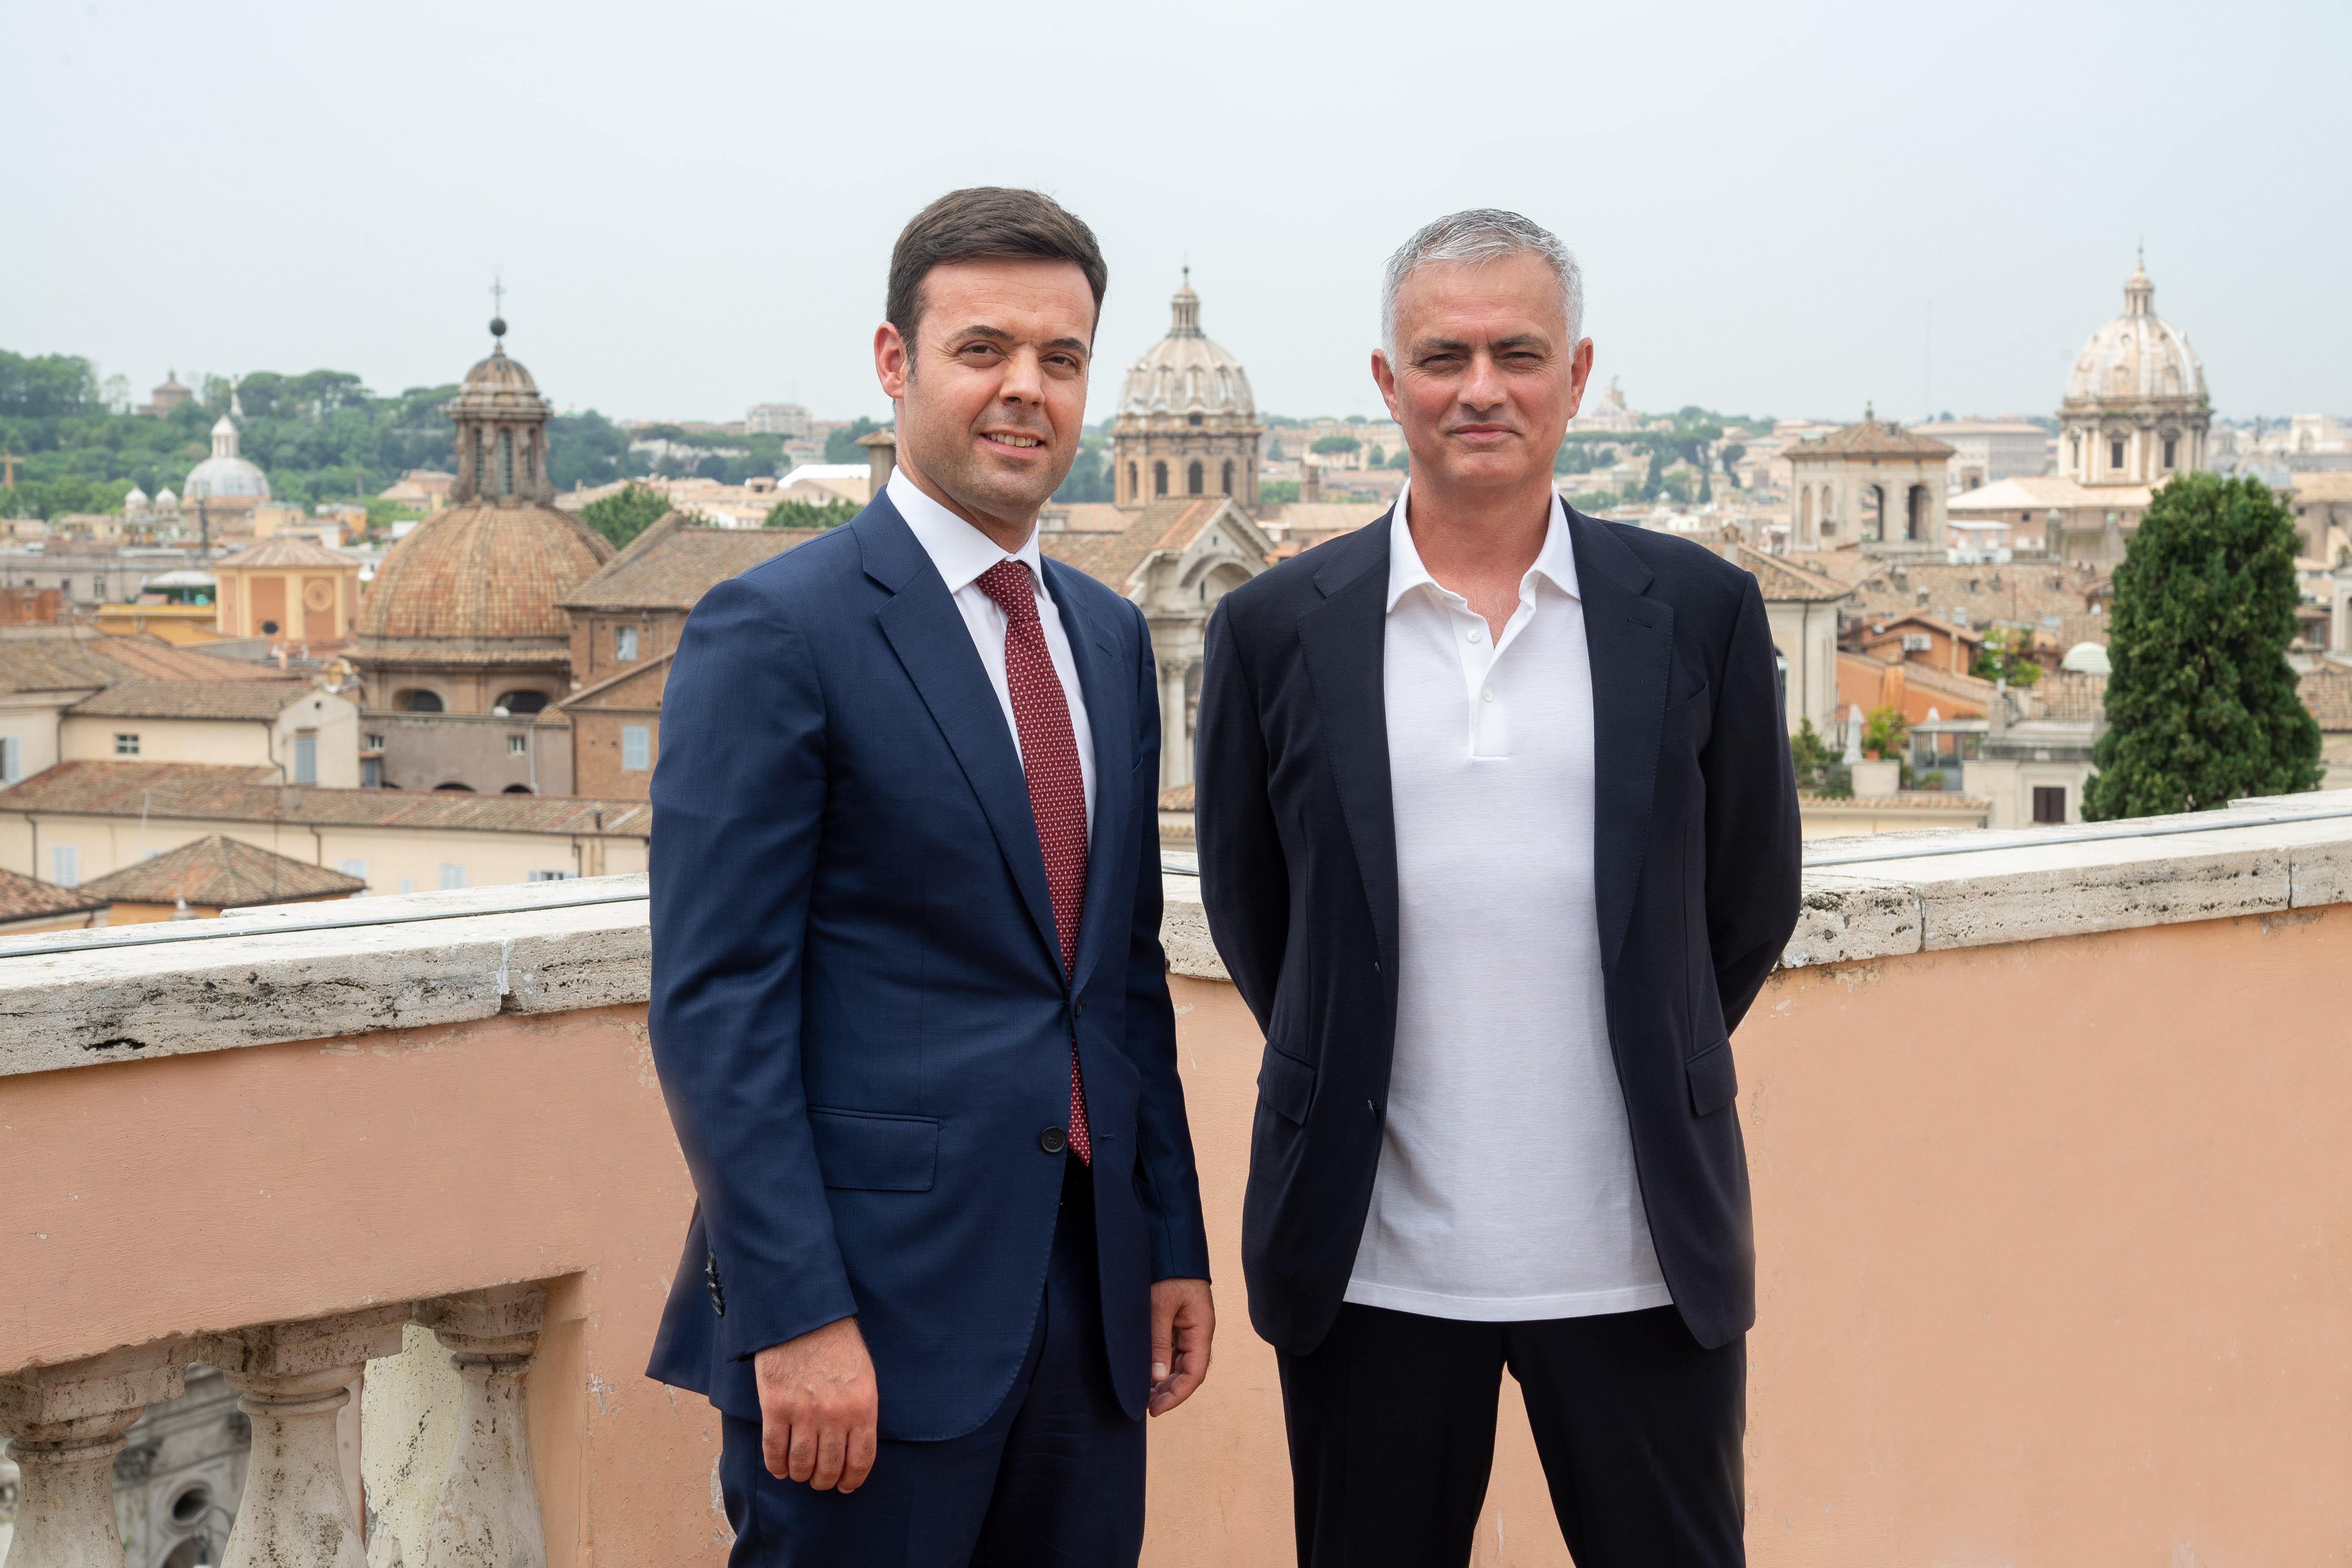 Jose Mourinho Day